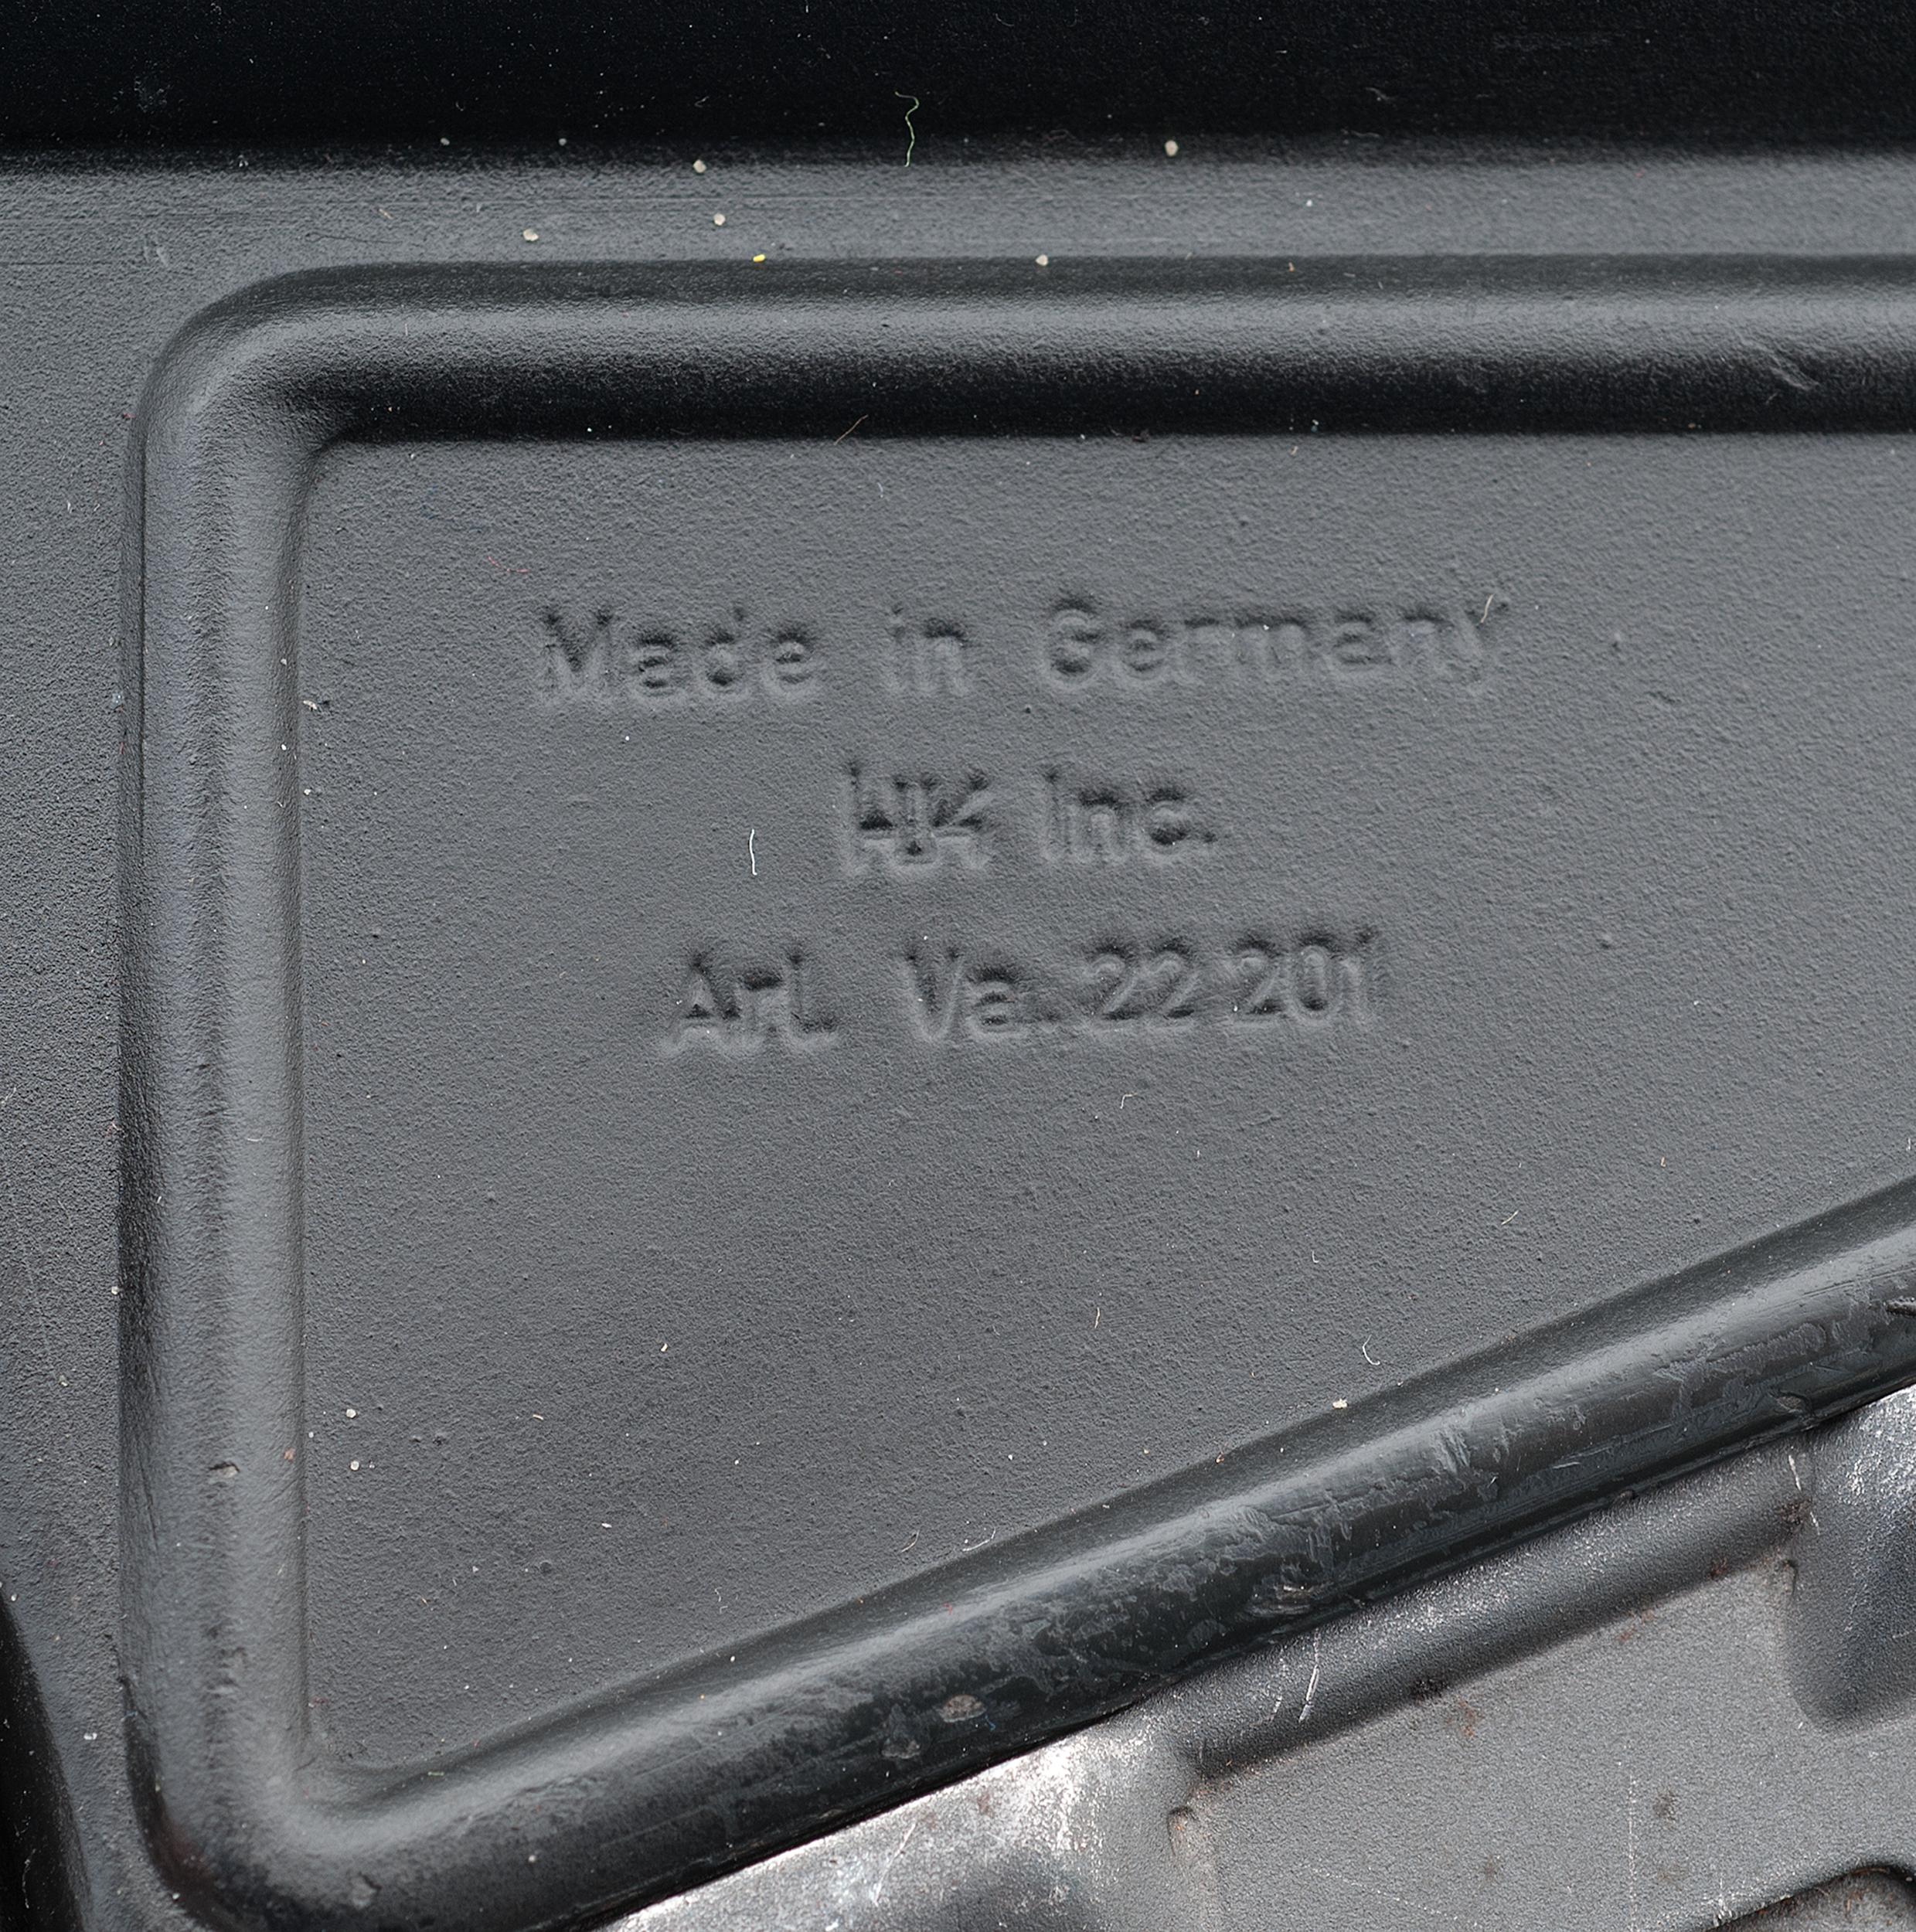 Midwest Auto Sales >> ***HK 53 Machinegun | Cowan's Auction House: The Midwest's